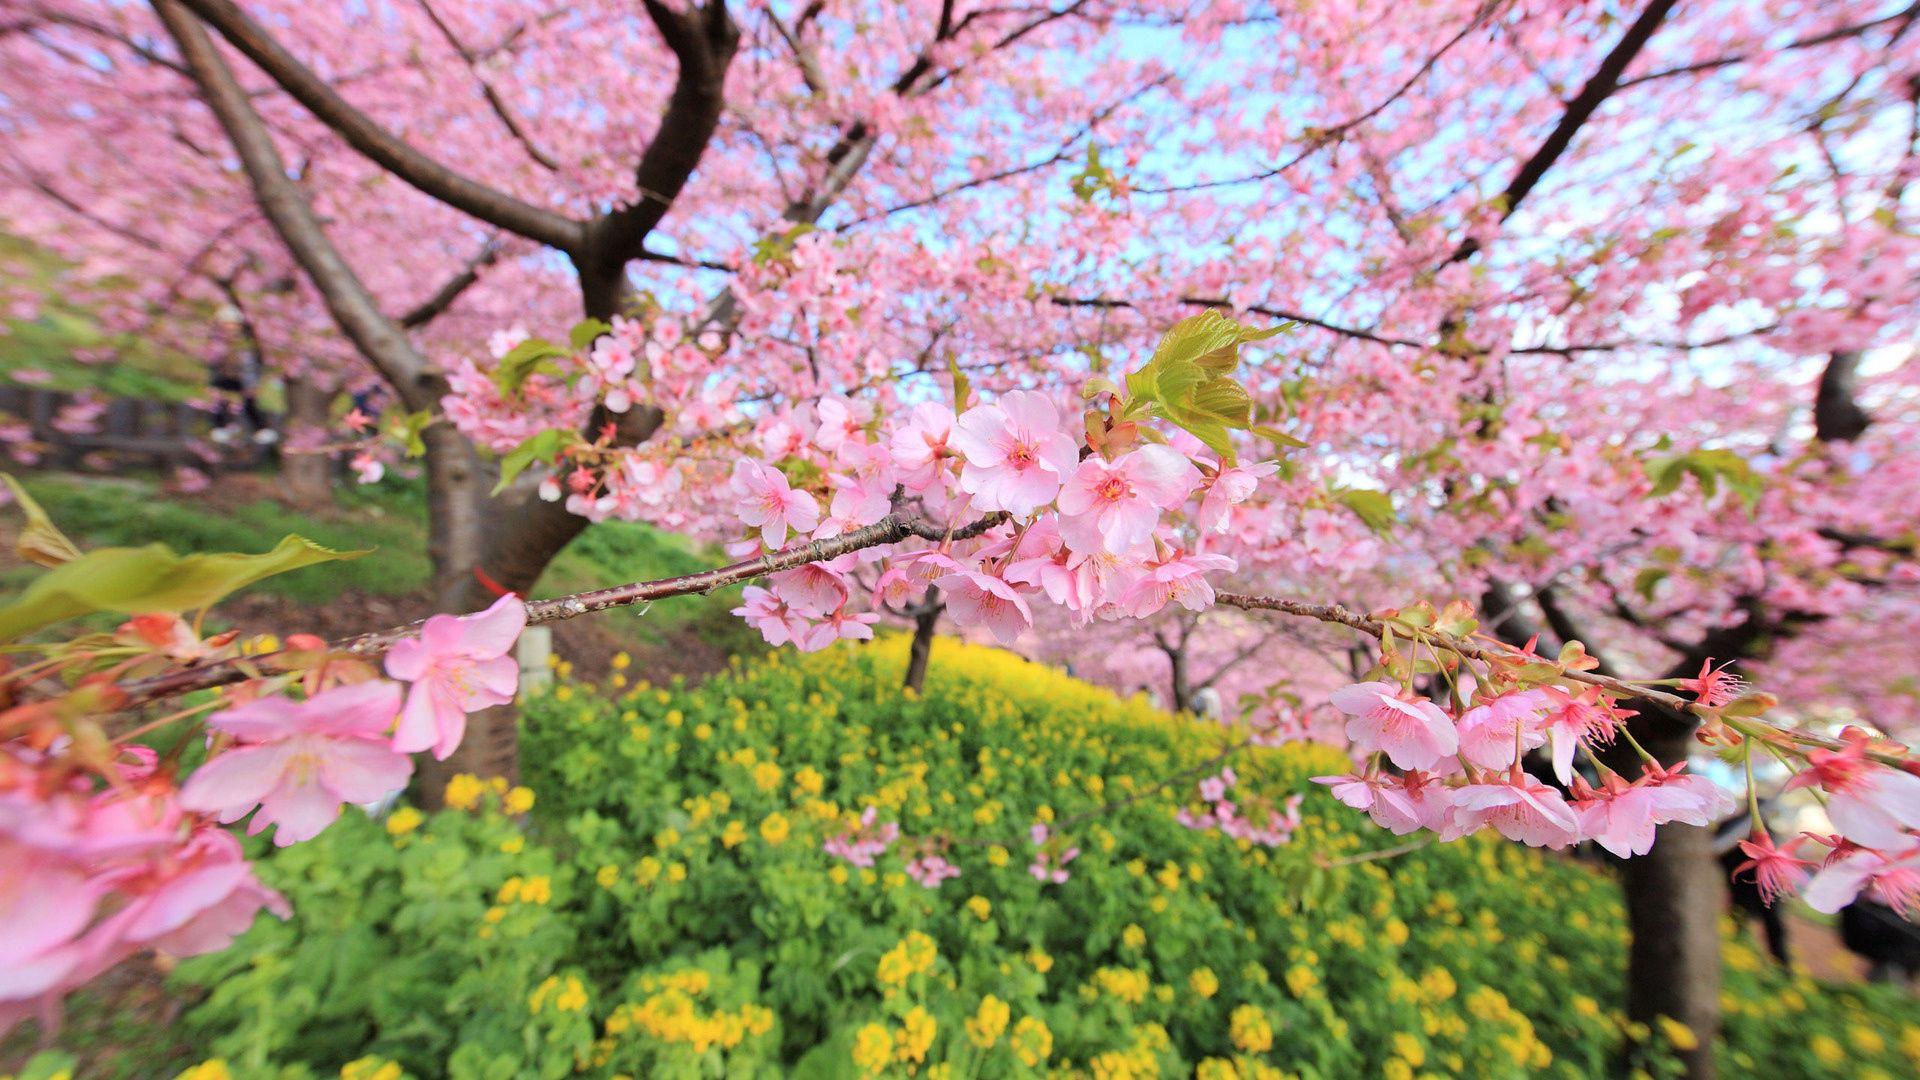 113929 скачать обои Цветение, Природа, Цветы, Дерево, Весна - заставки и картинки бесплатно